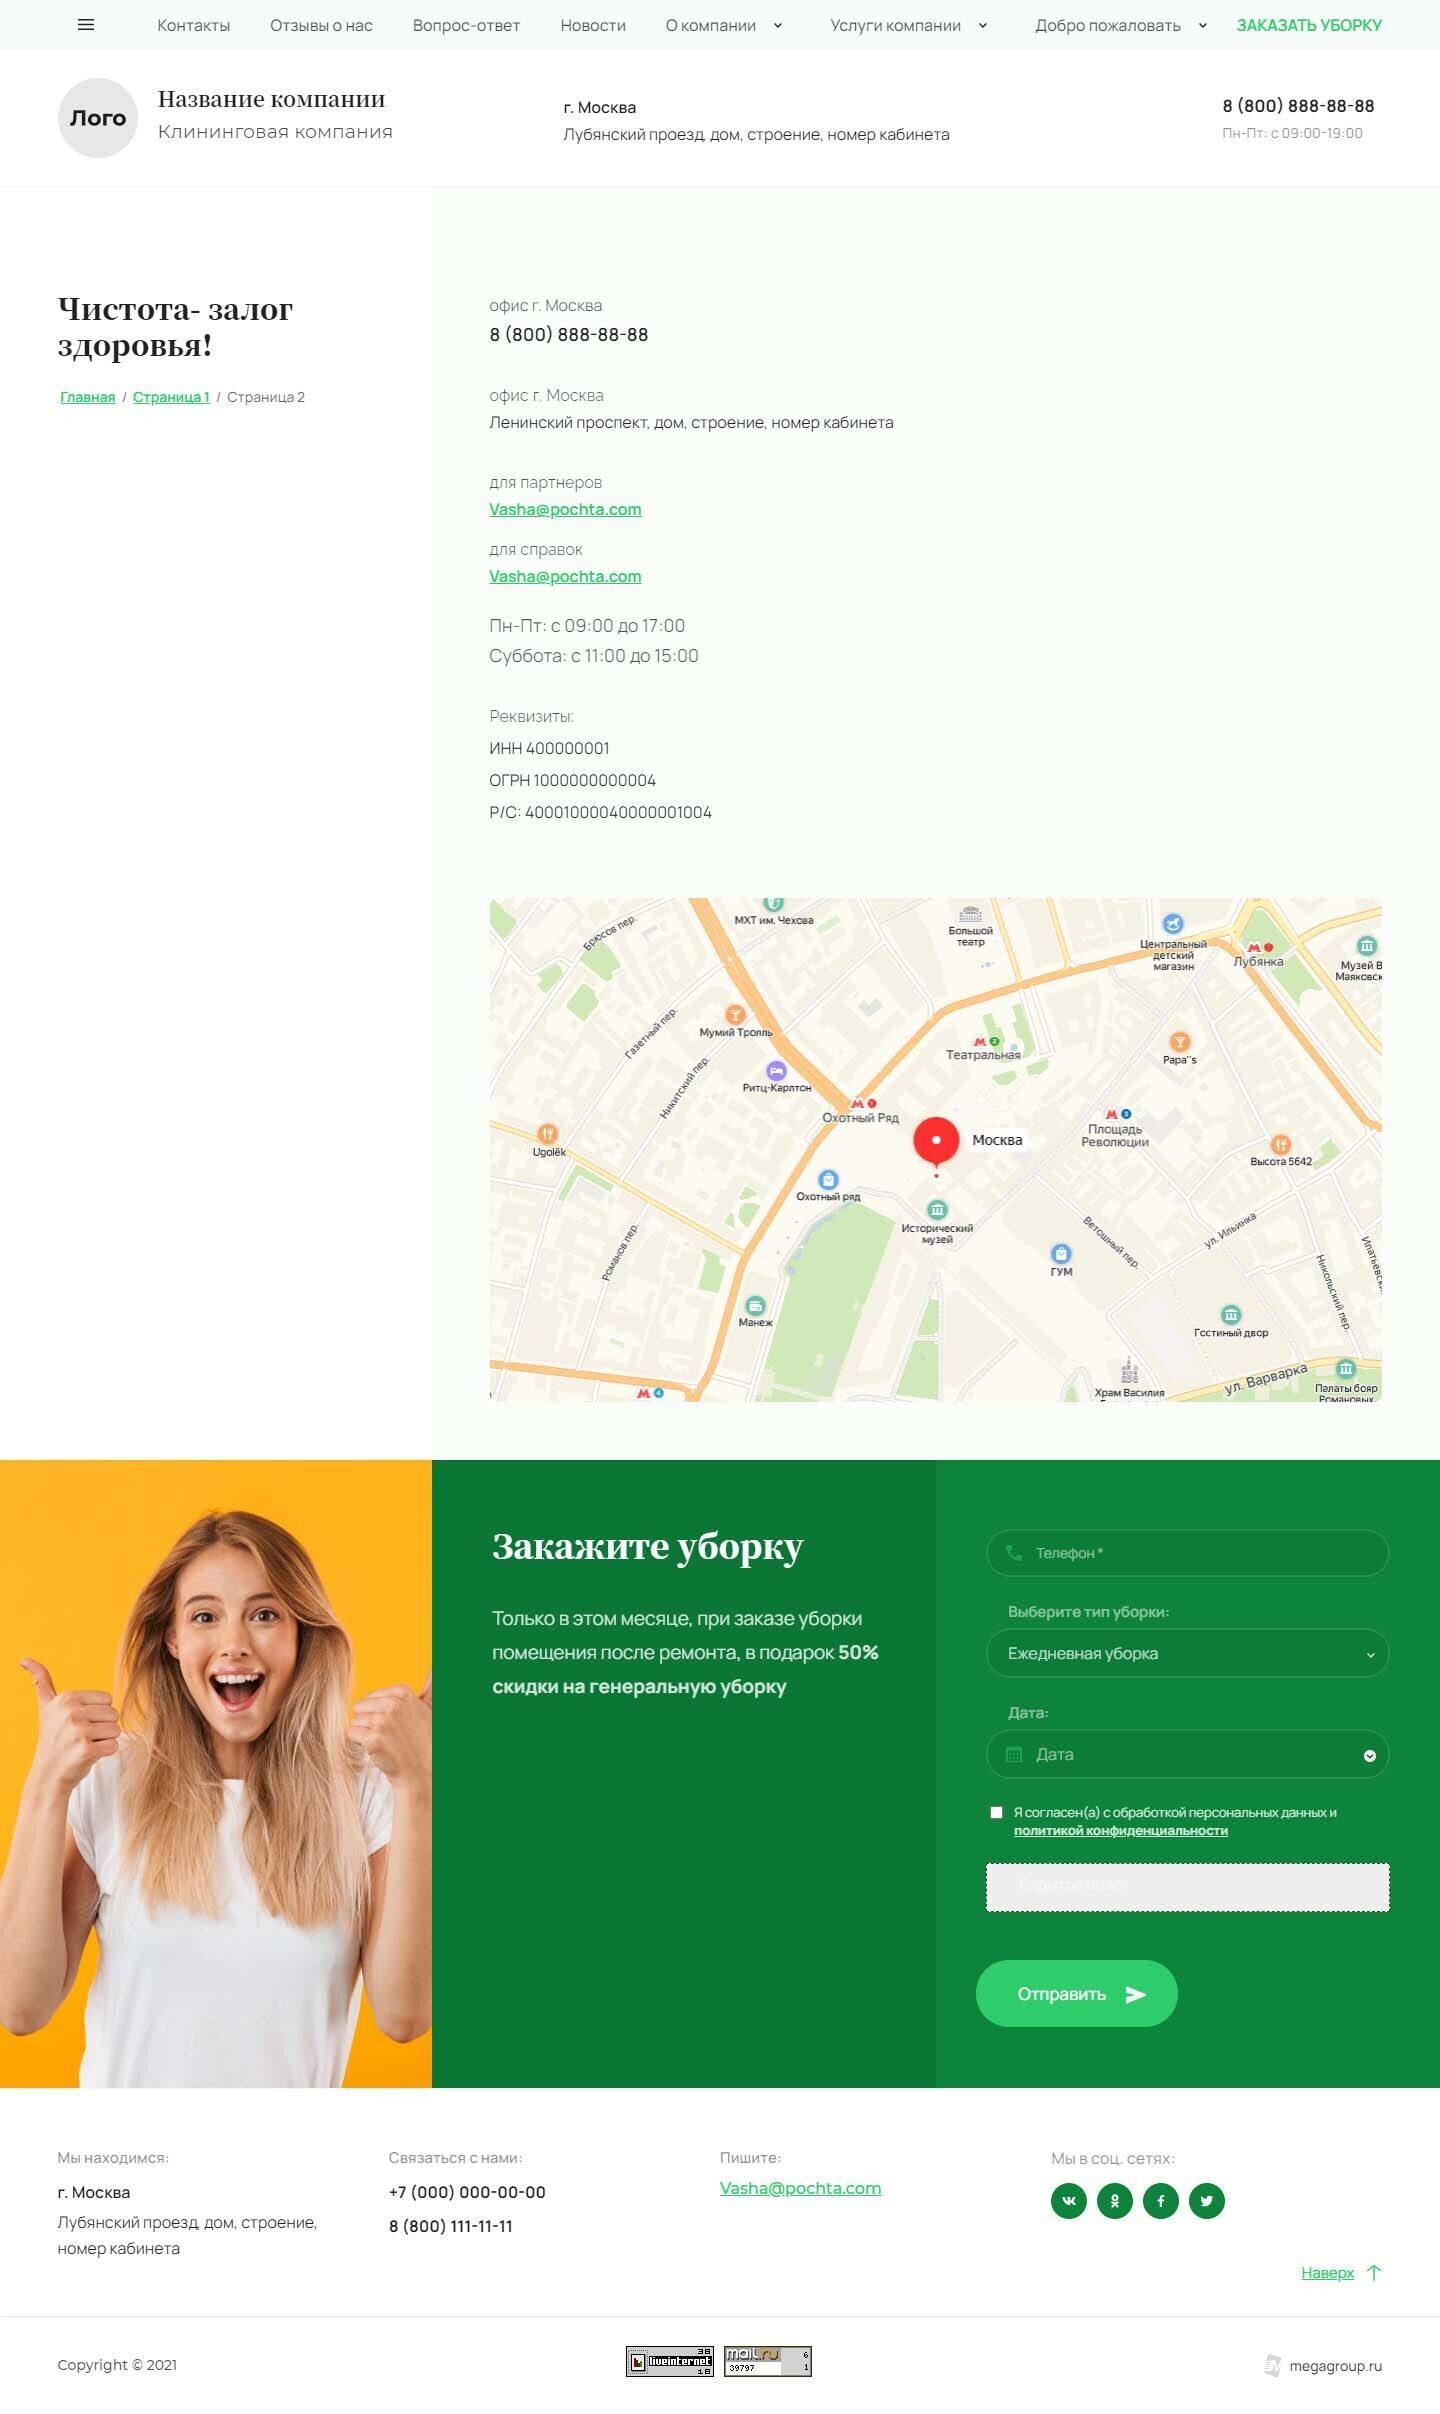 Готовый Сайт-Бизнес #2785766 - Клининговые услуги (Контакты)